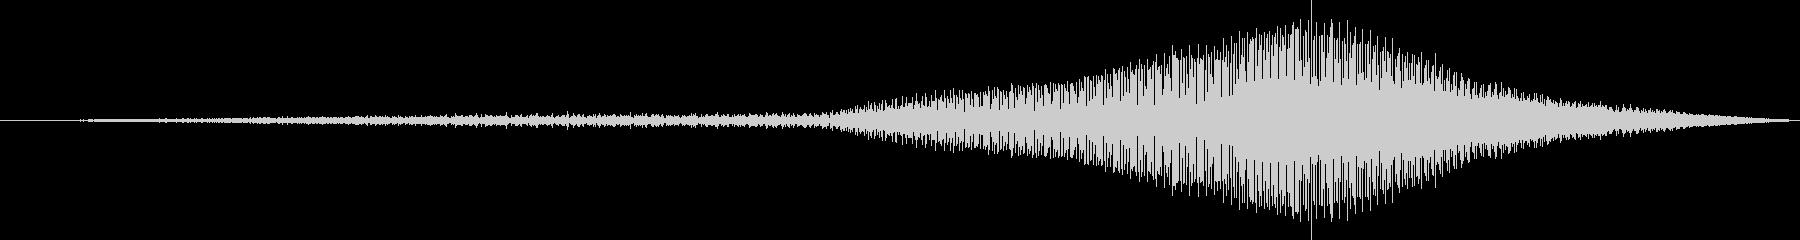 ピックアップトラック:Ext:接近...の未再生の波形